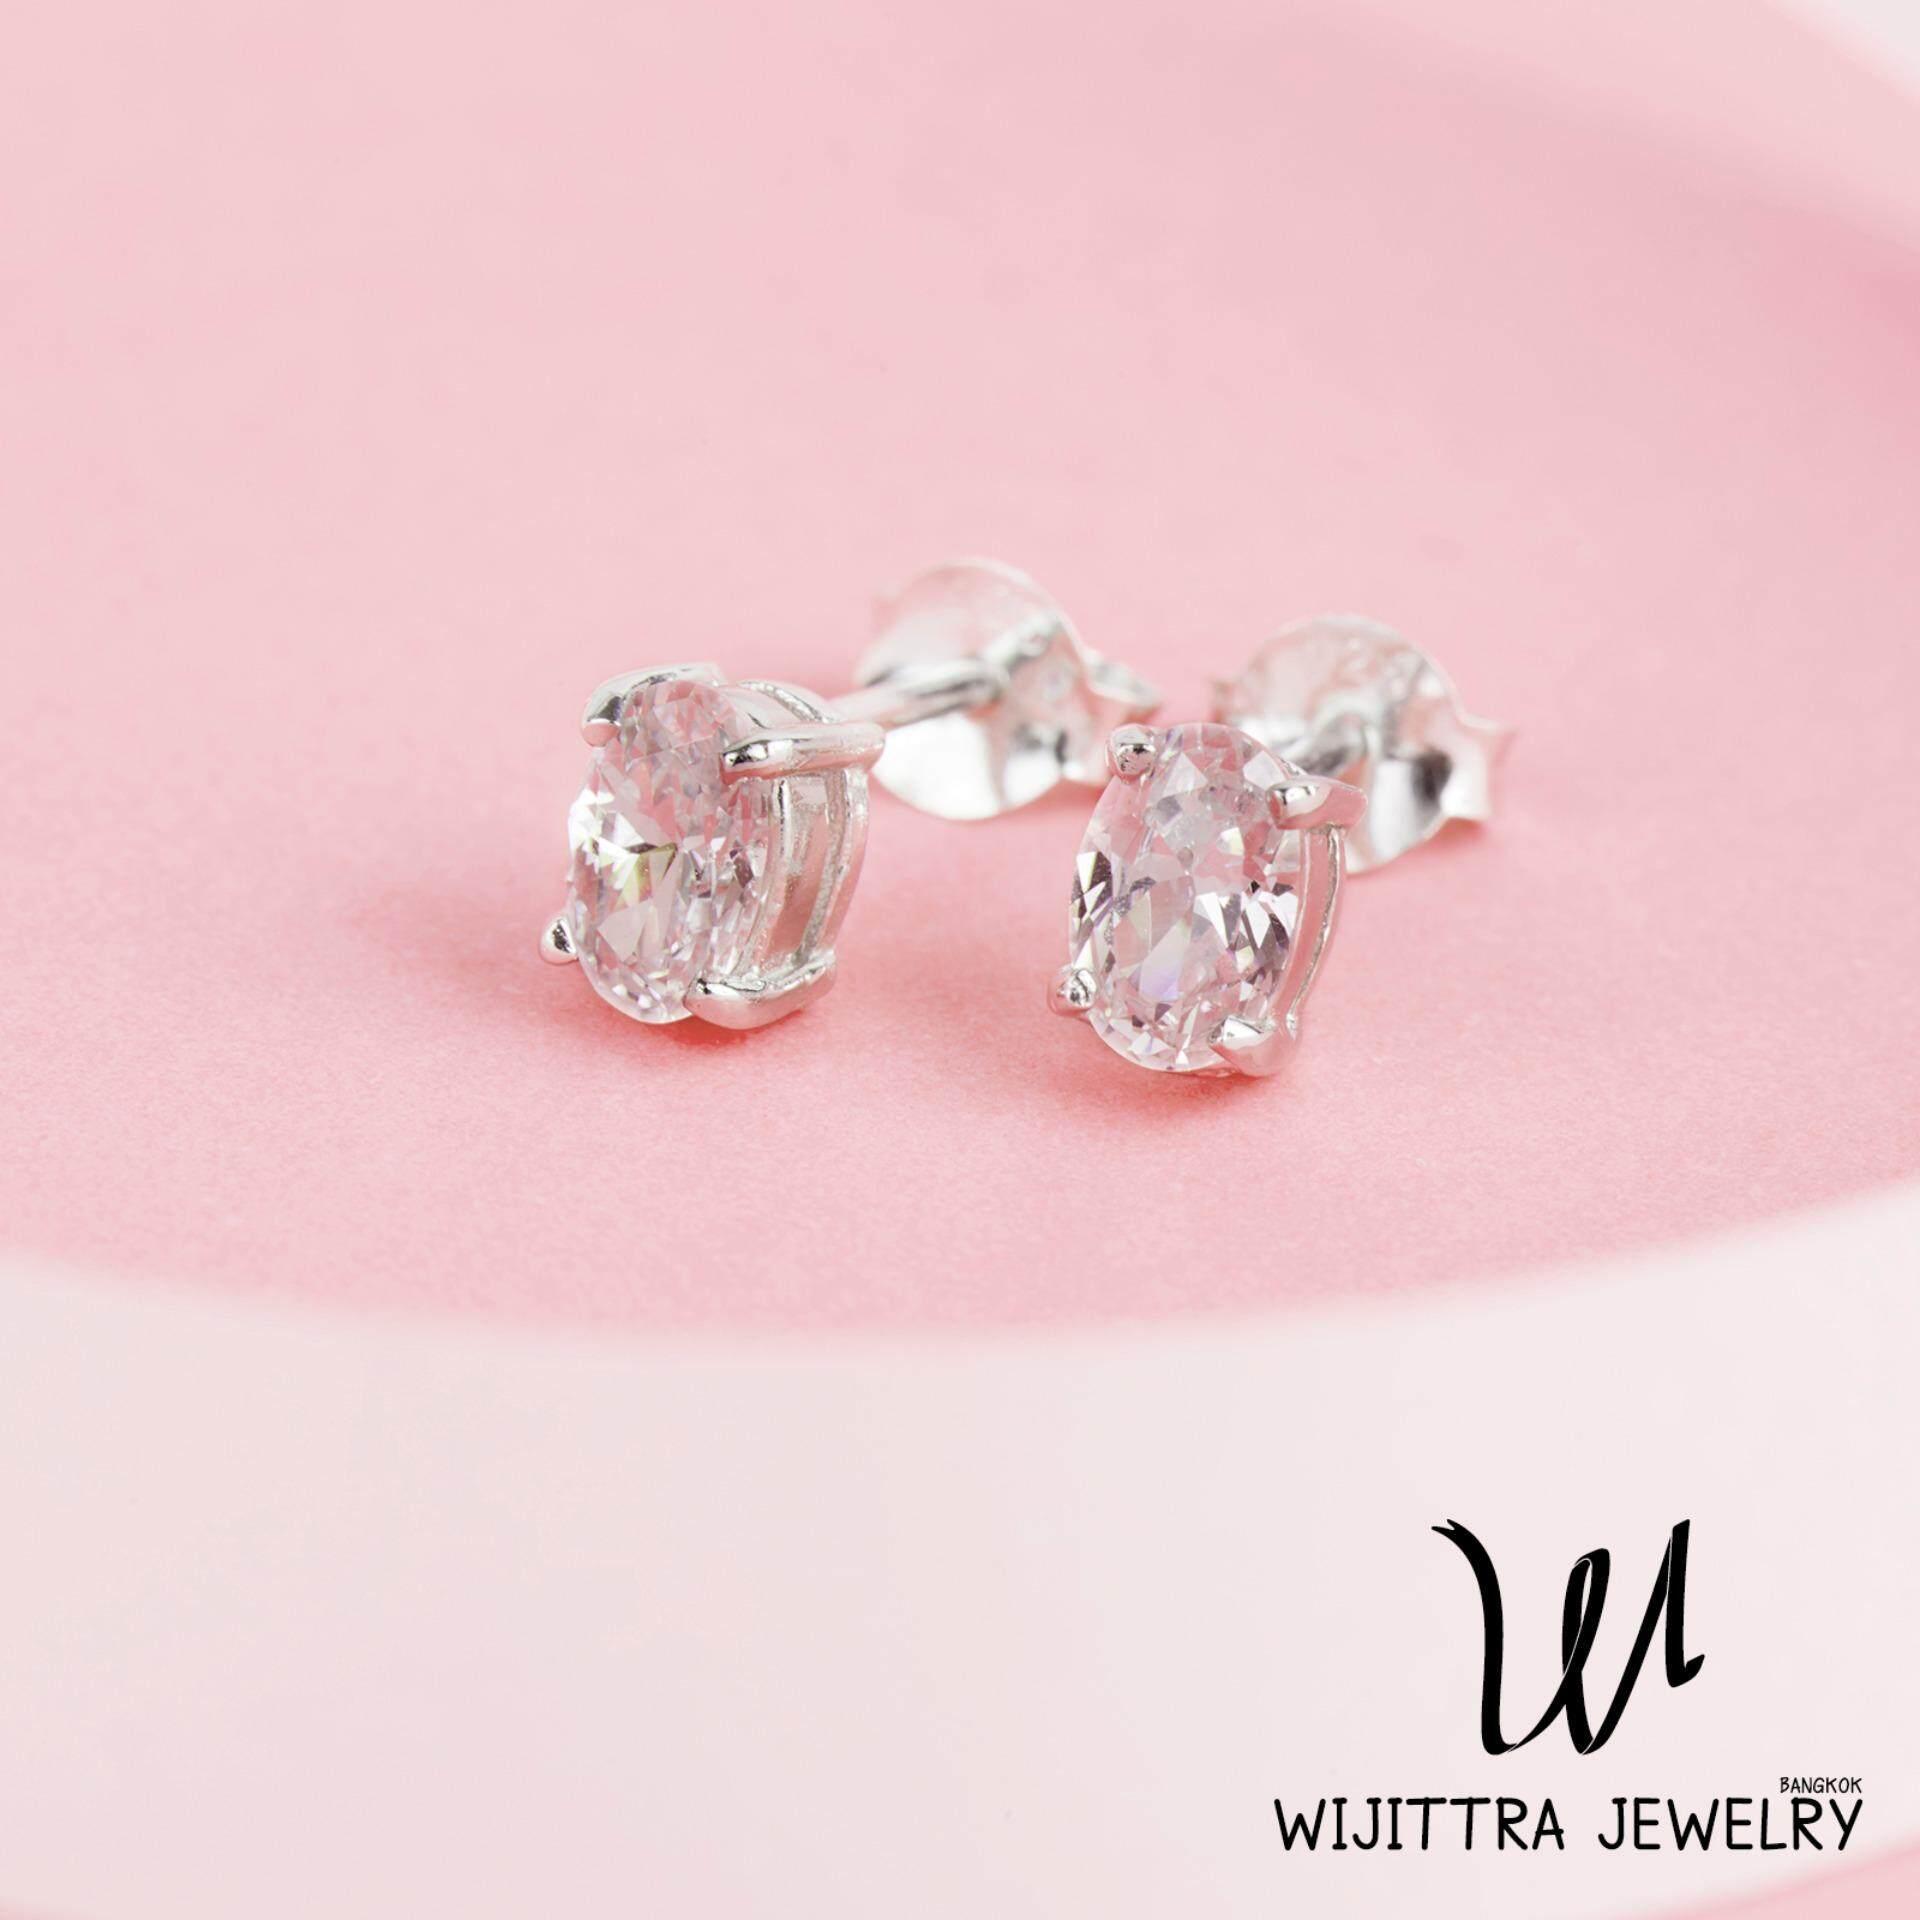 ราคา Pegasus Earrings Wijittra Jewelry ต่างหูเงินแท้ 925 ชุบโรเดียม เพชรสวิส Cubic Zirconia พร้อมกล่องเครื่องประดับ High End ออนไลน์